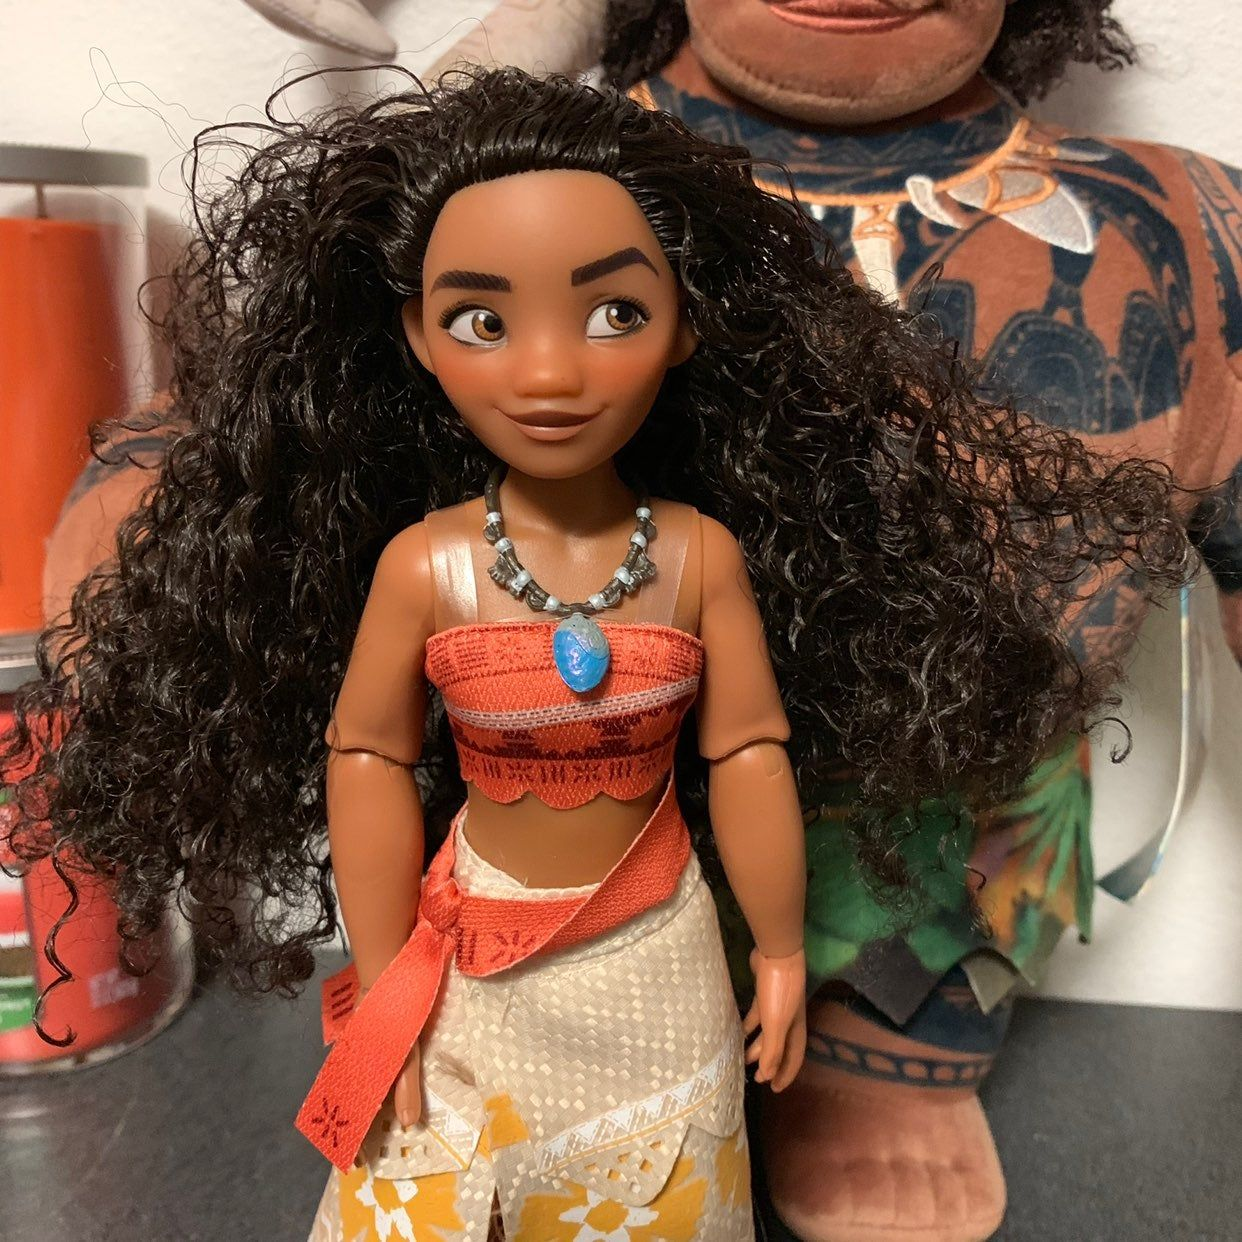 актёров фото кукол моаны и барби гольцман странице